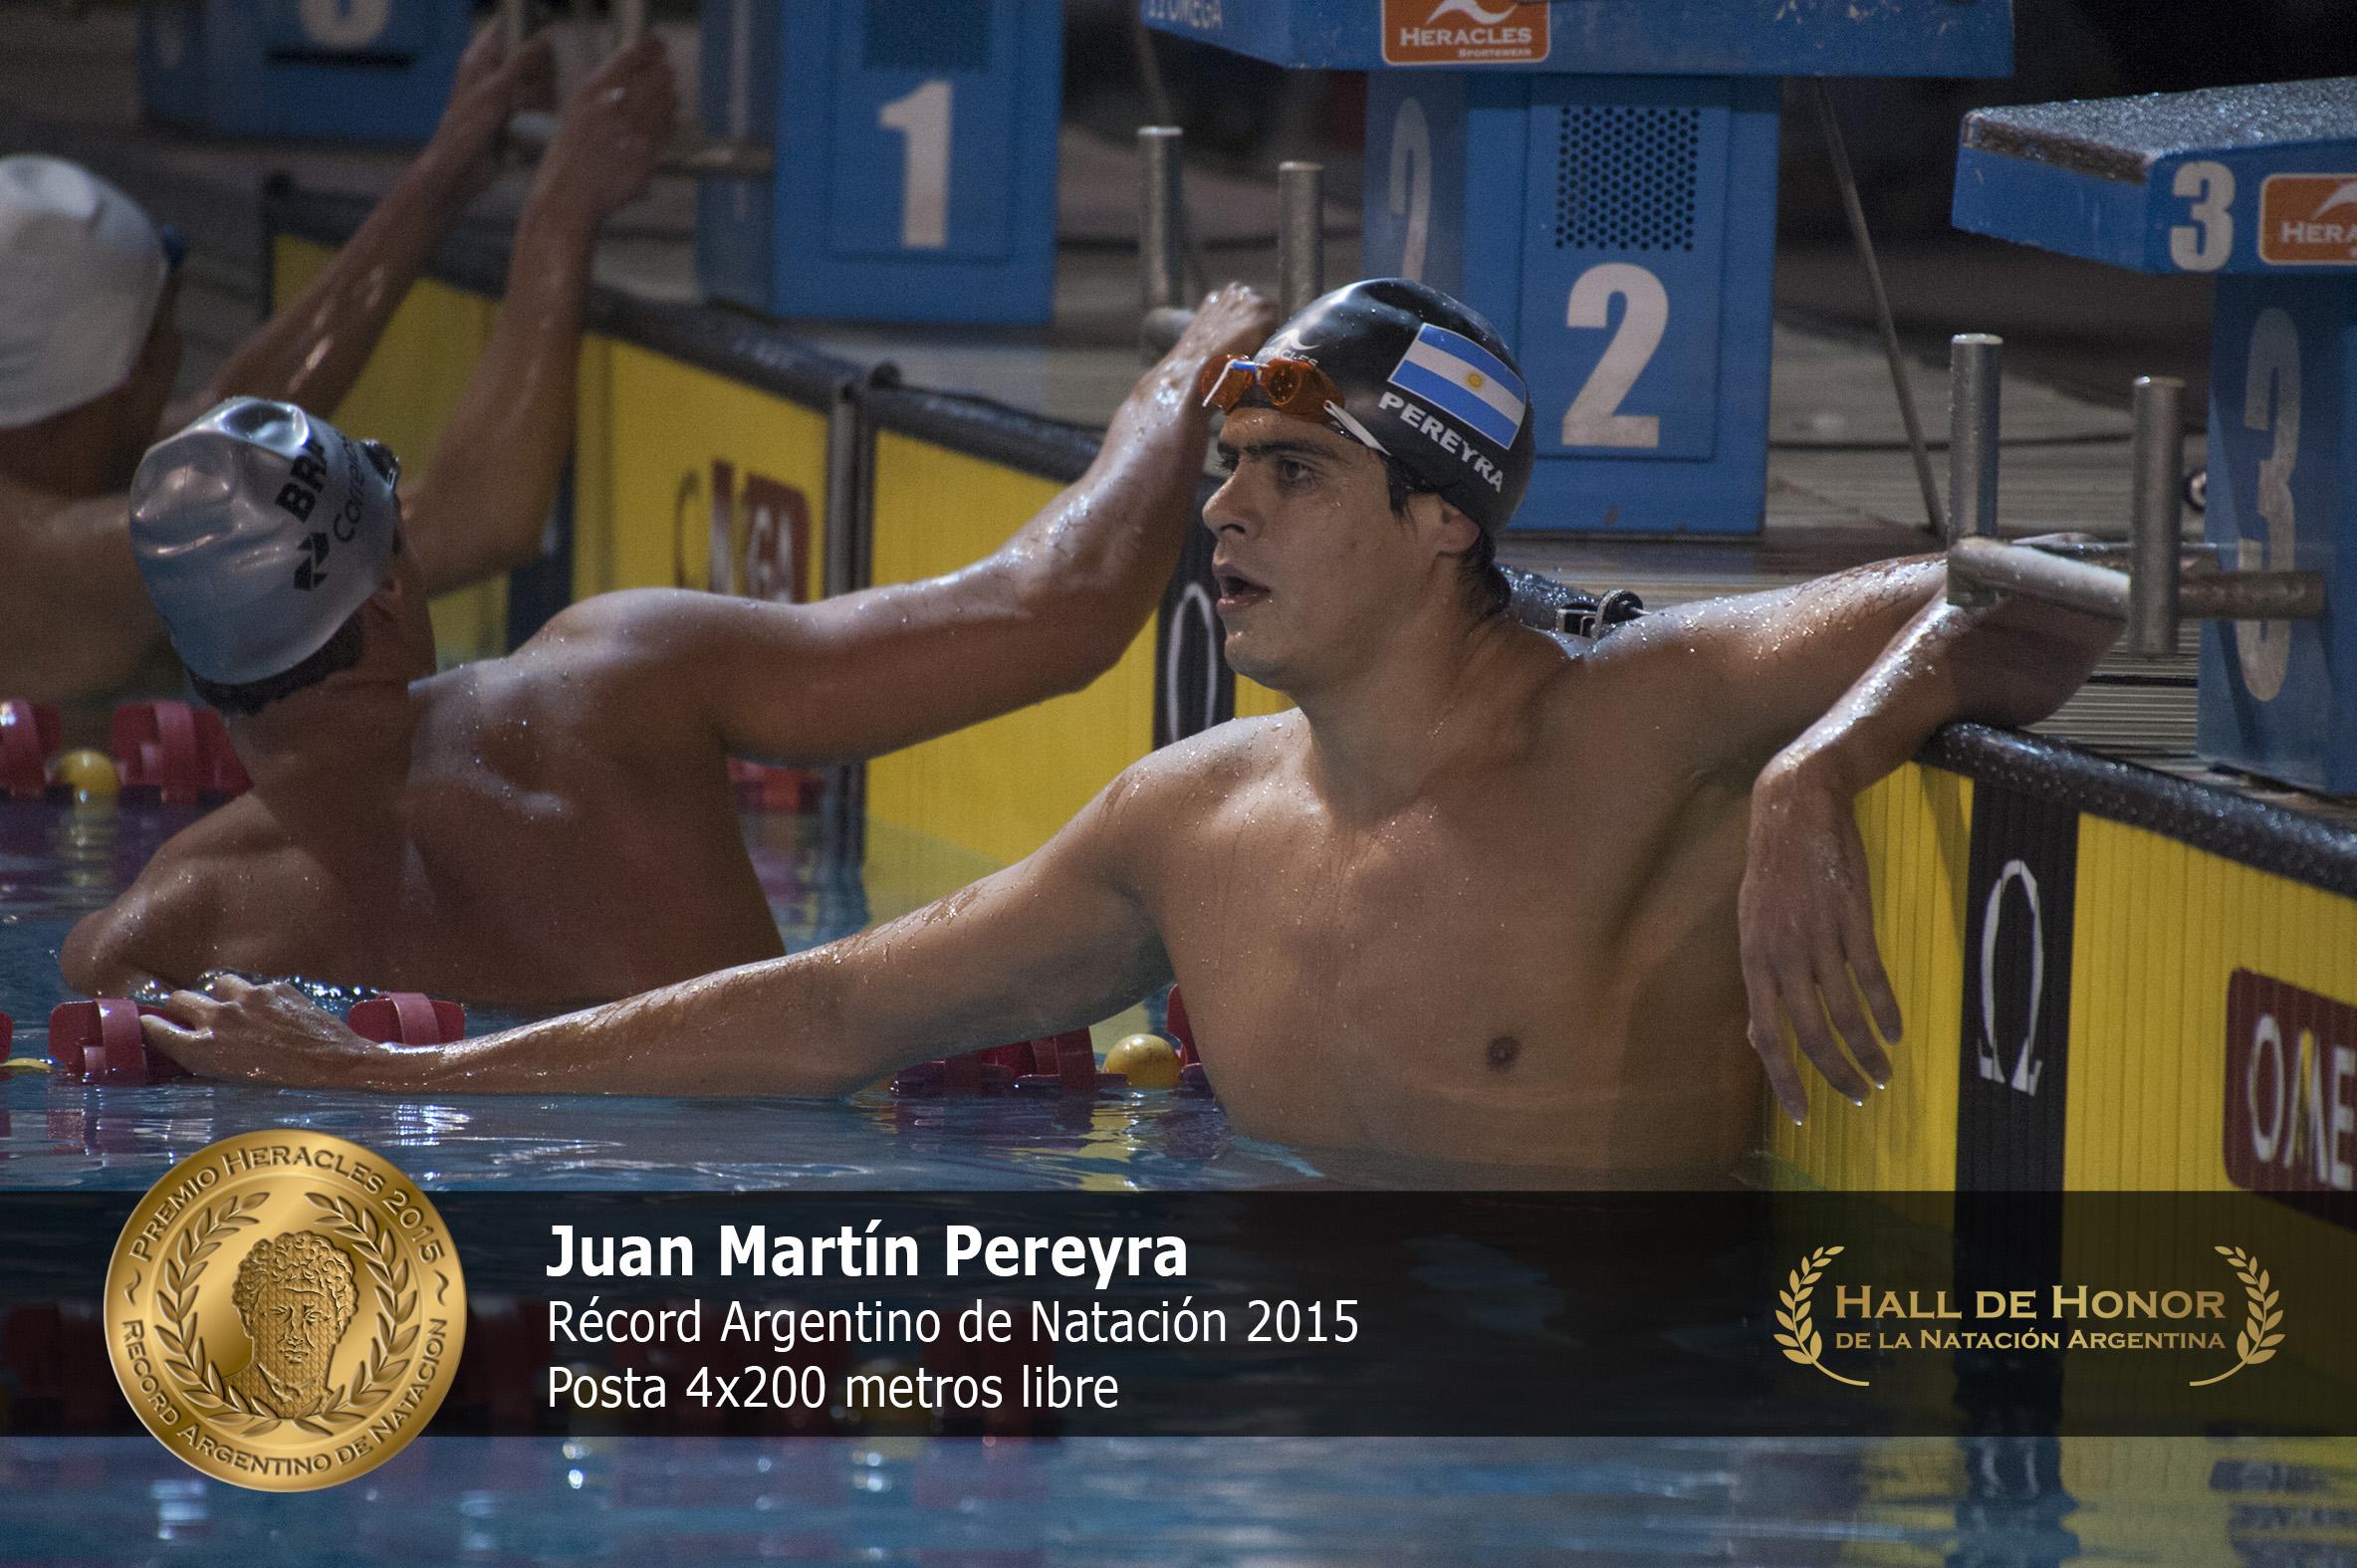 Juan Martín Pereyra